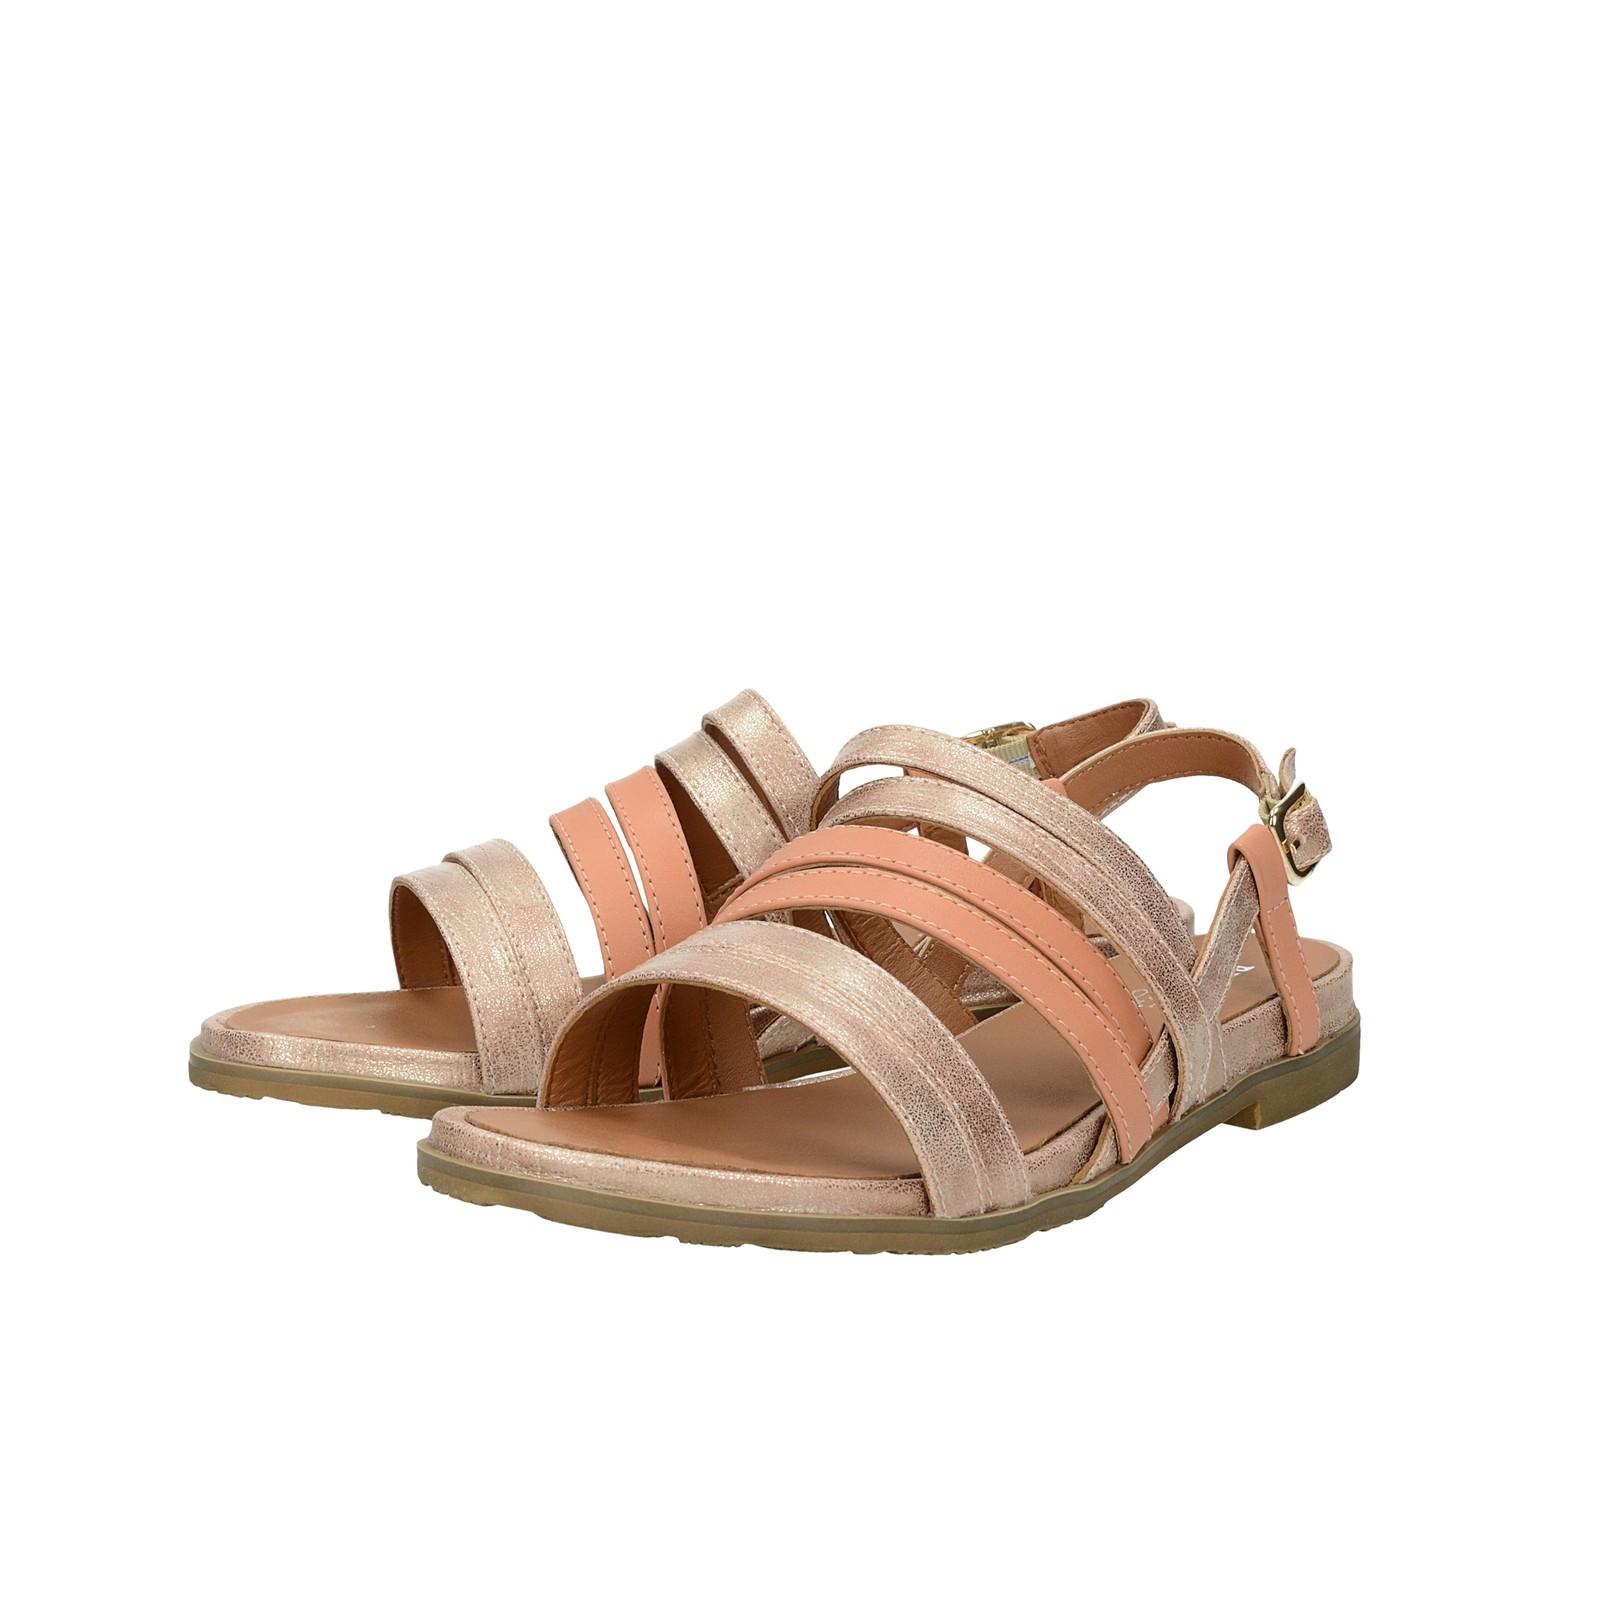 6596c6160a Regarde le ciel dámske kožené sandále - ružové ...